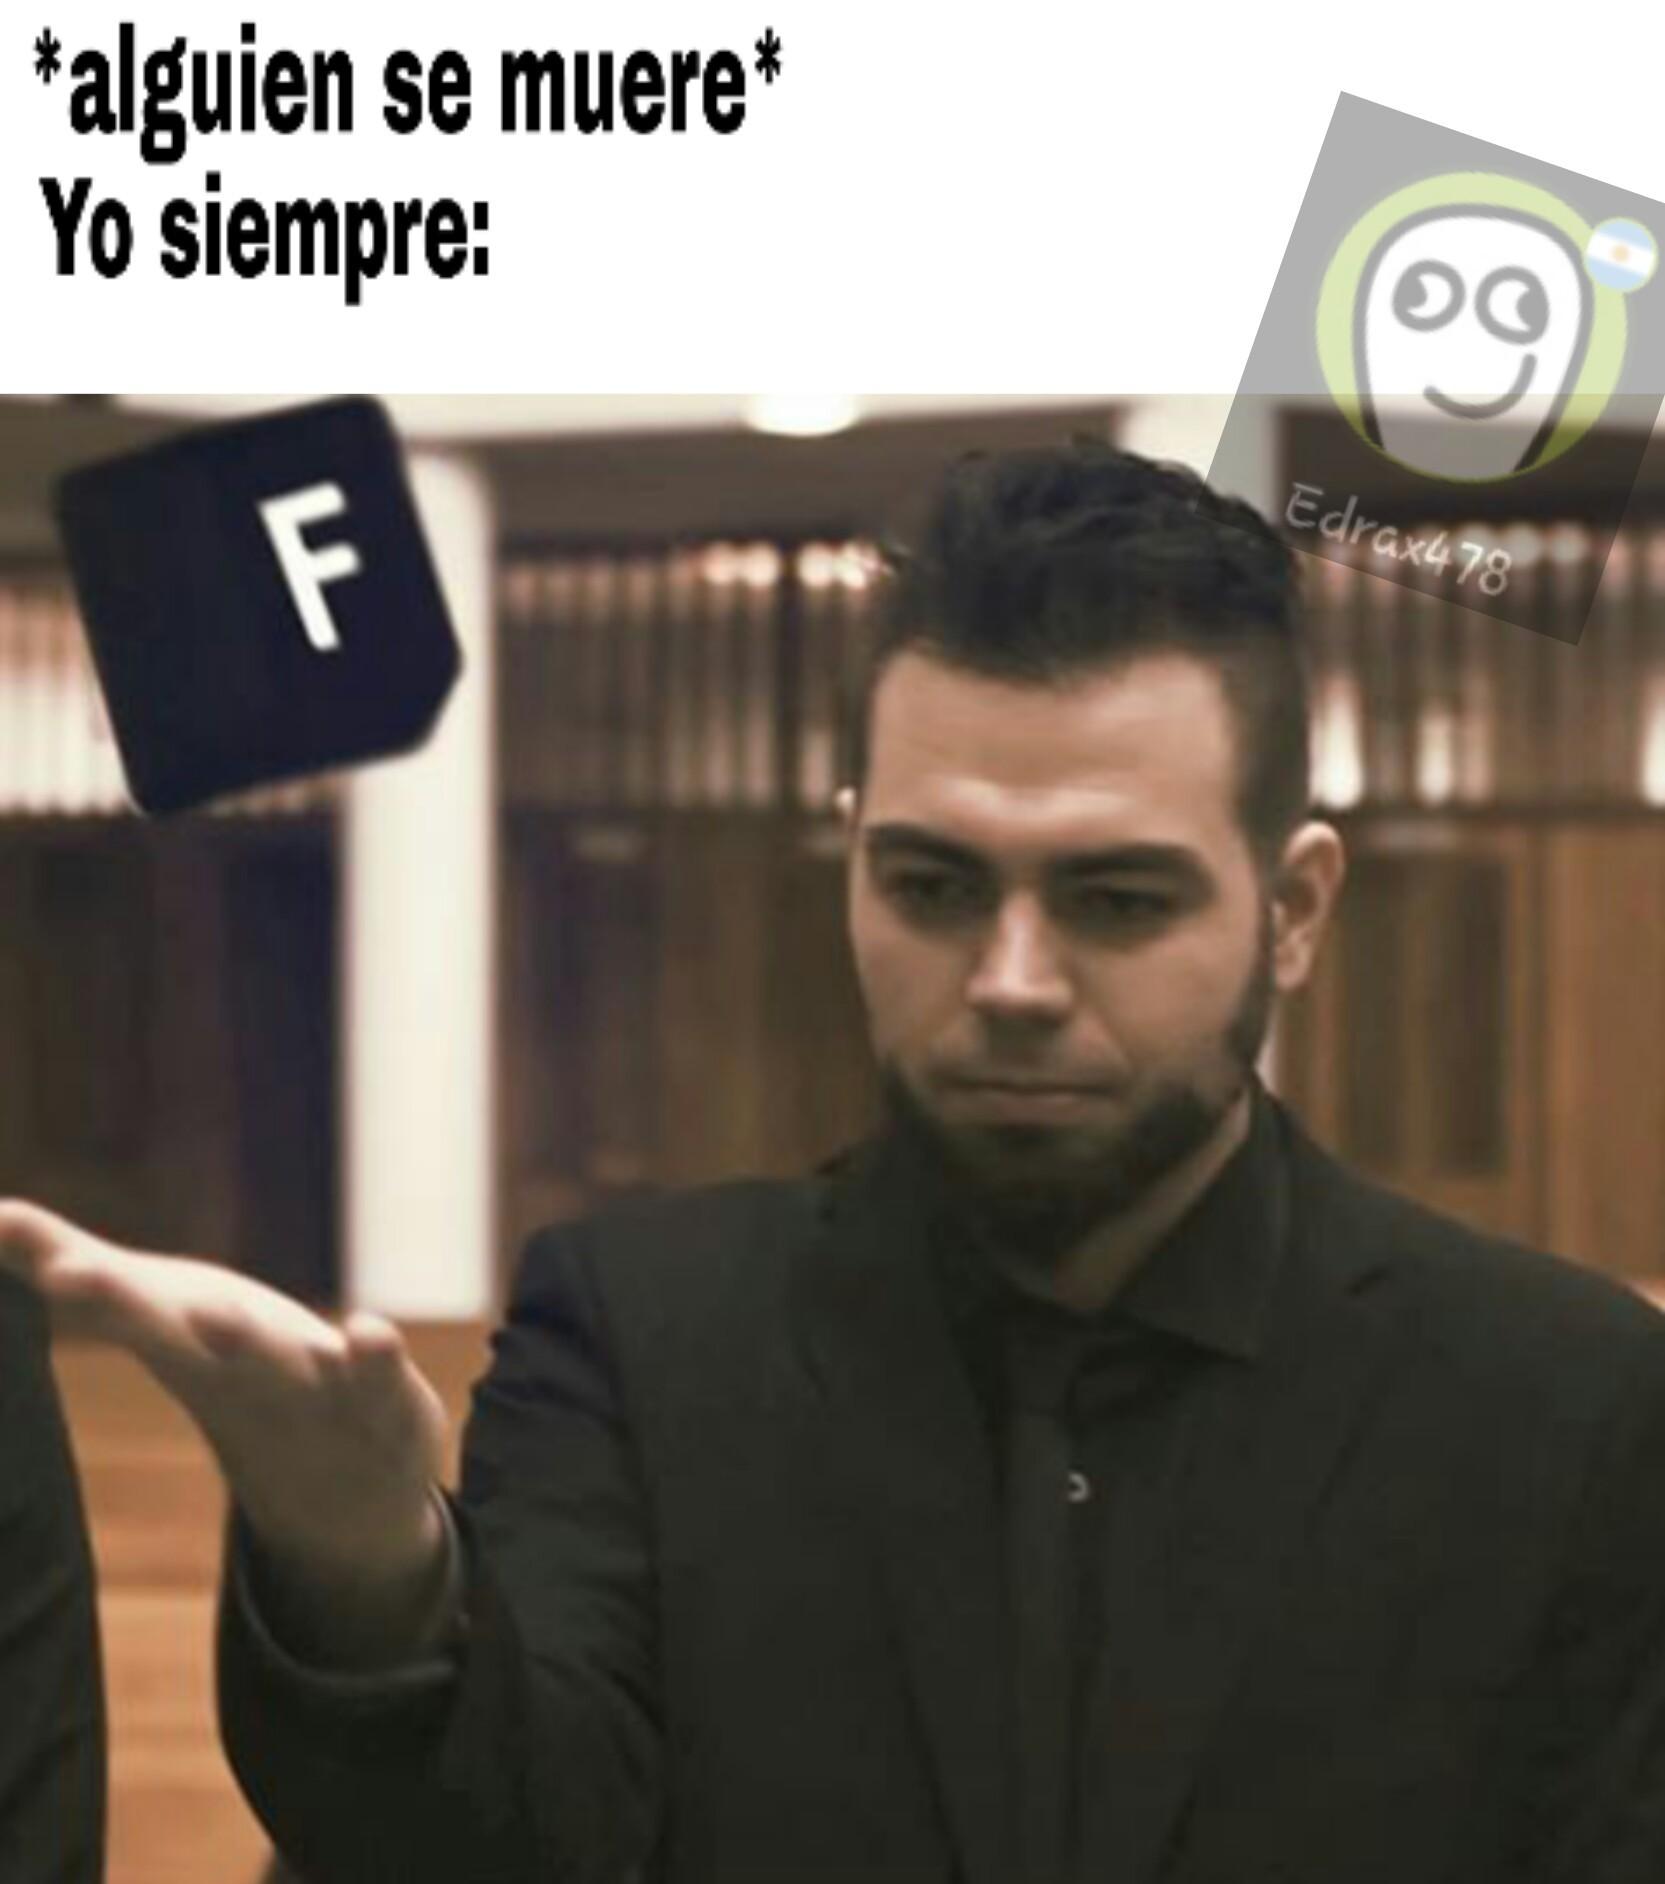 F por el titulo - meme